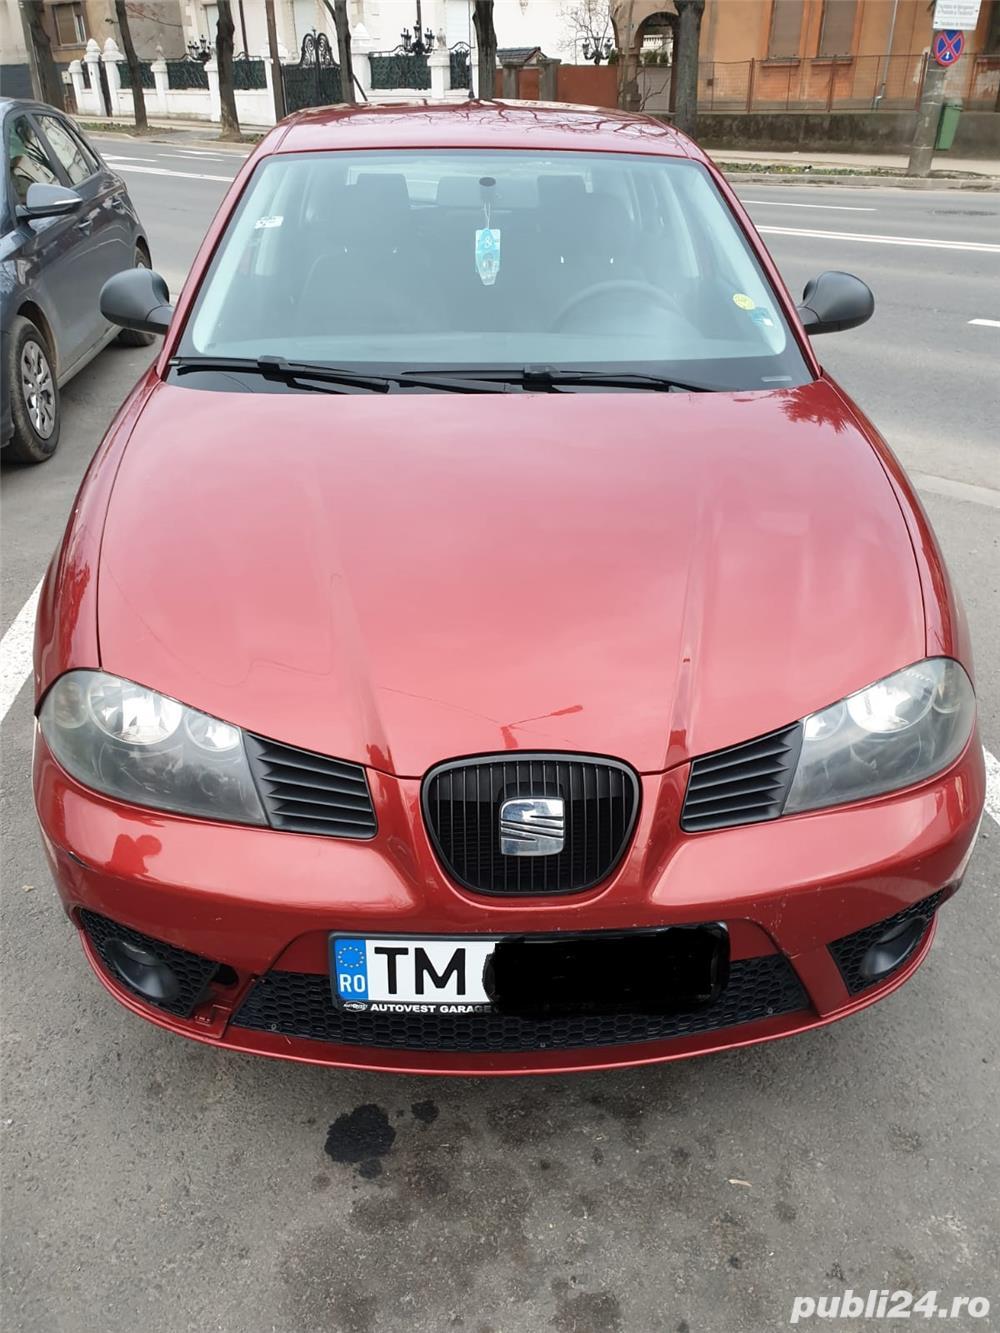 Seat Ibiza -1.2 benzina 2008 - 1400 Euro - pret fix!